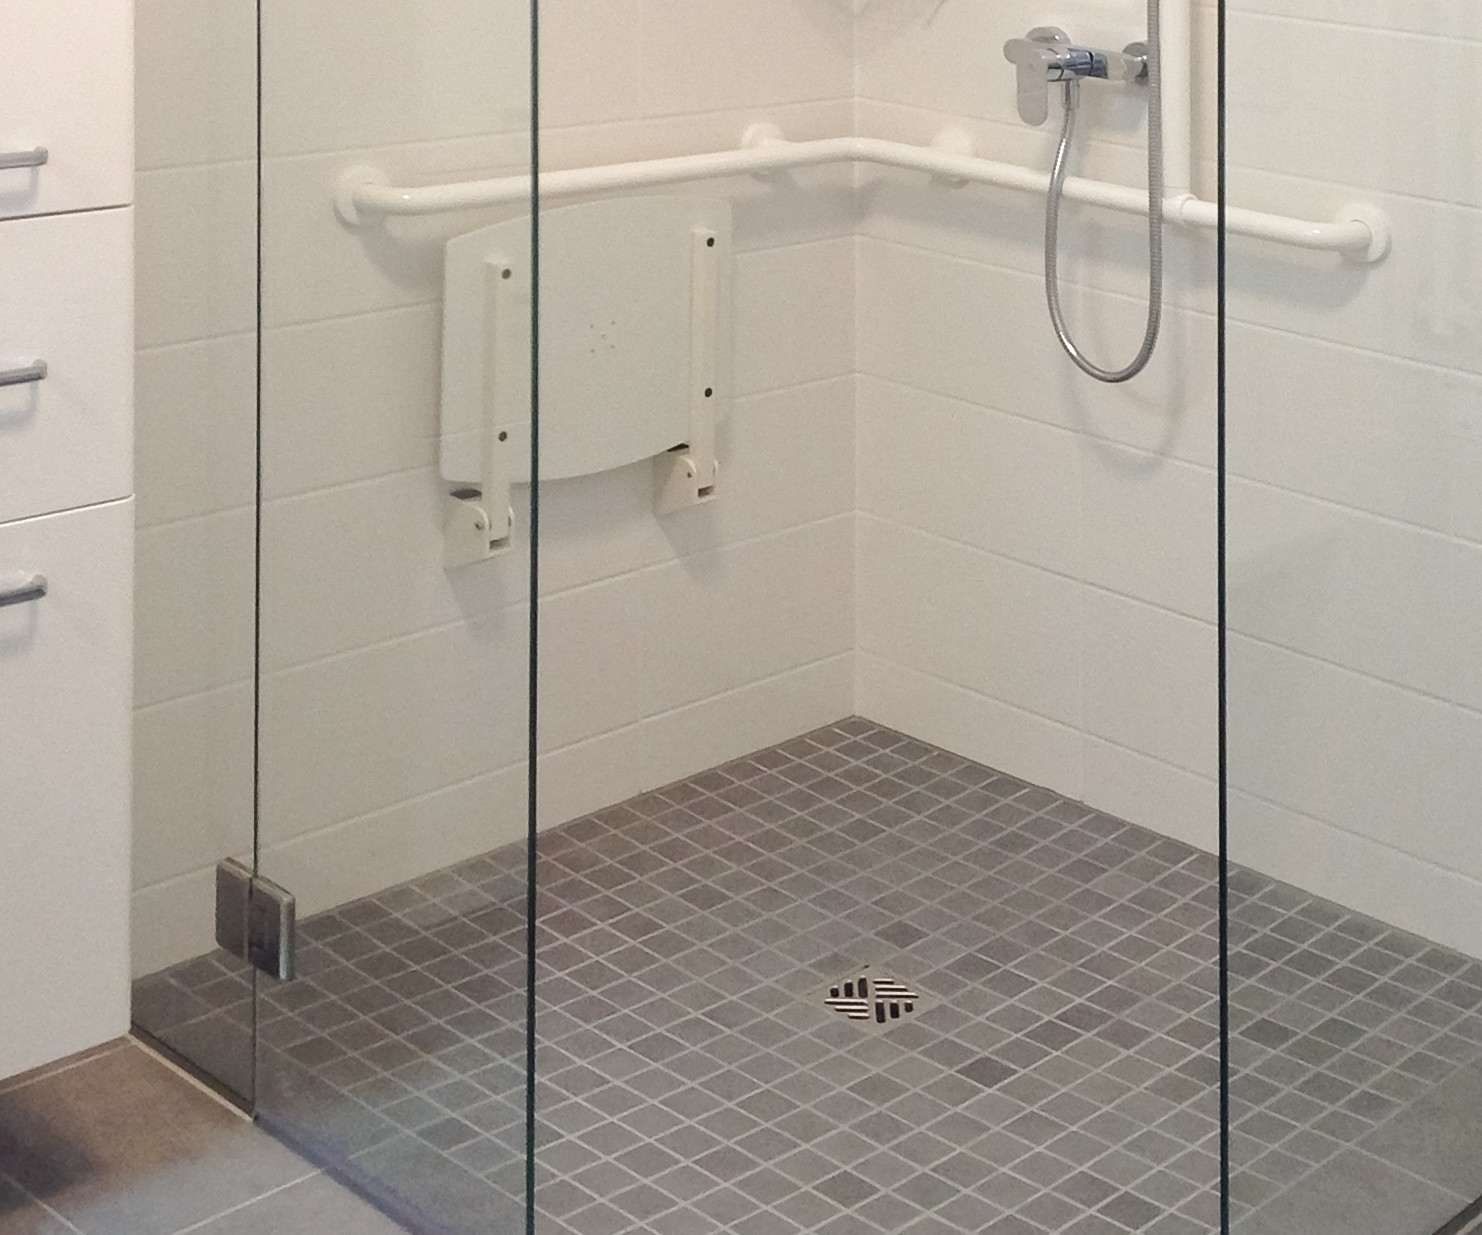 Full Size of Bodengleiche Duschen Bei Glasprofi24 Kaufen Begehbare Dusche Einbauen Sprinz Fliesen Nachträglich Breuer Schulte Werksverkauf Hüppe Hsk Moderne Dusche Bodengleiche Duschen